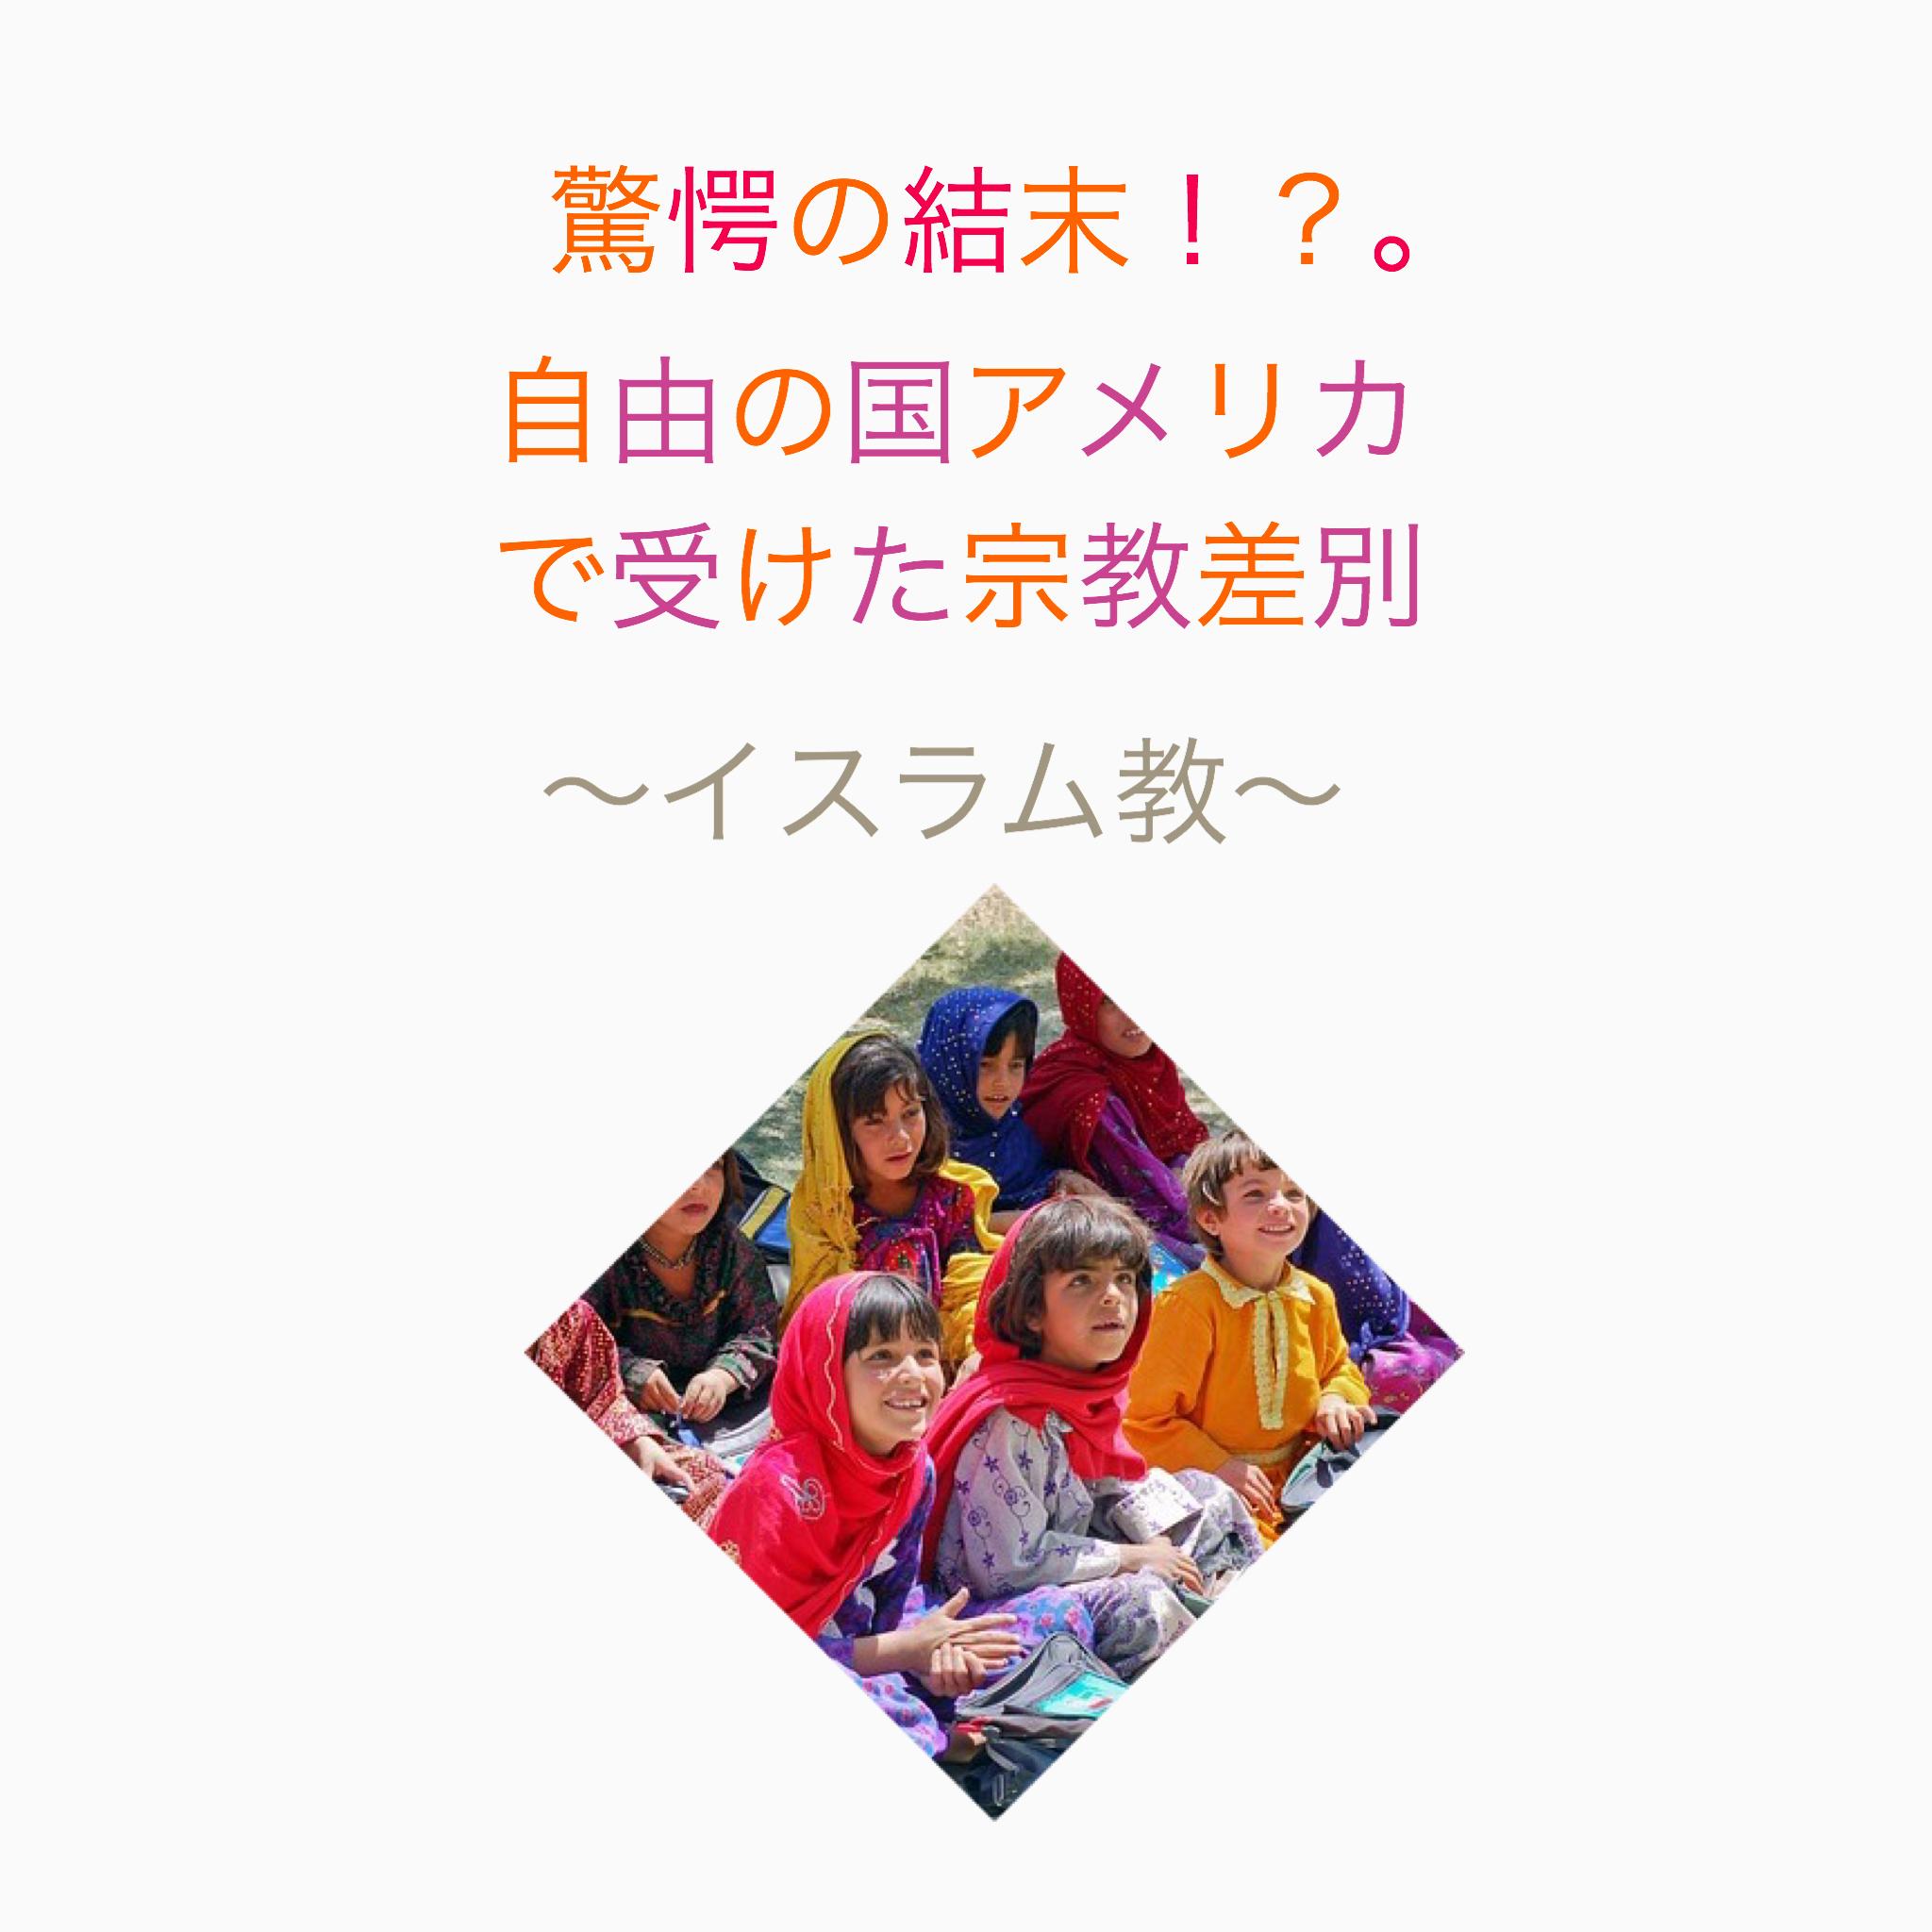 20170326213116664.jpg